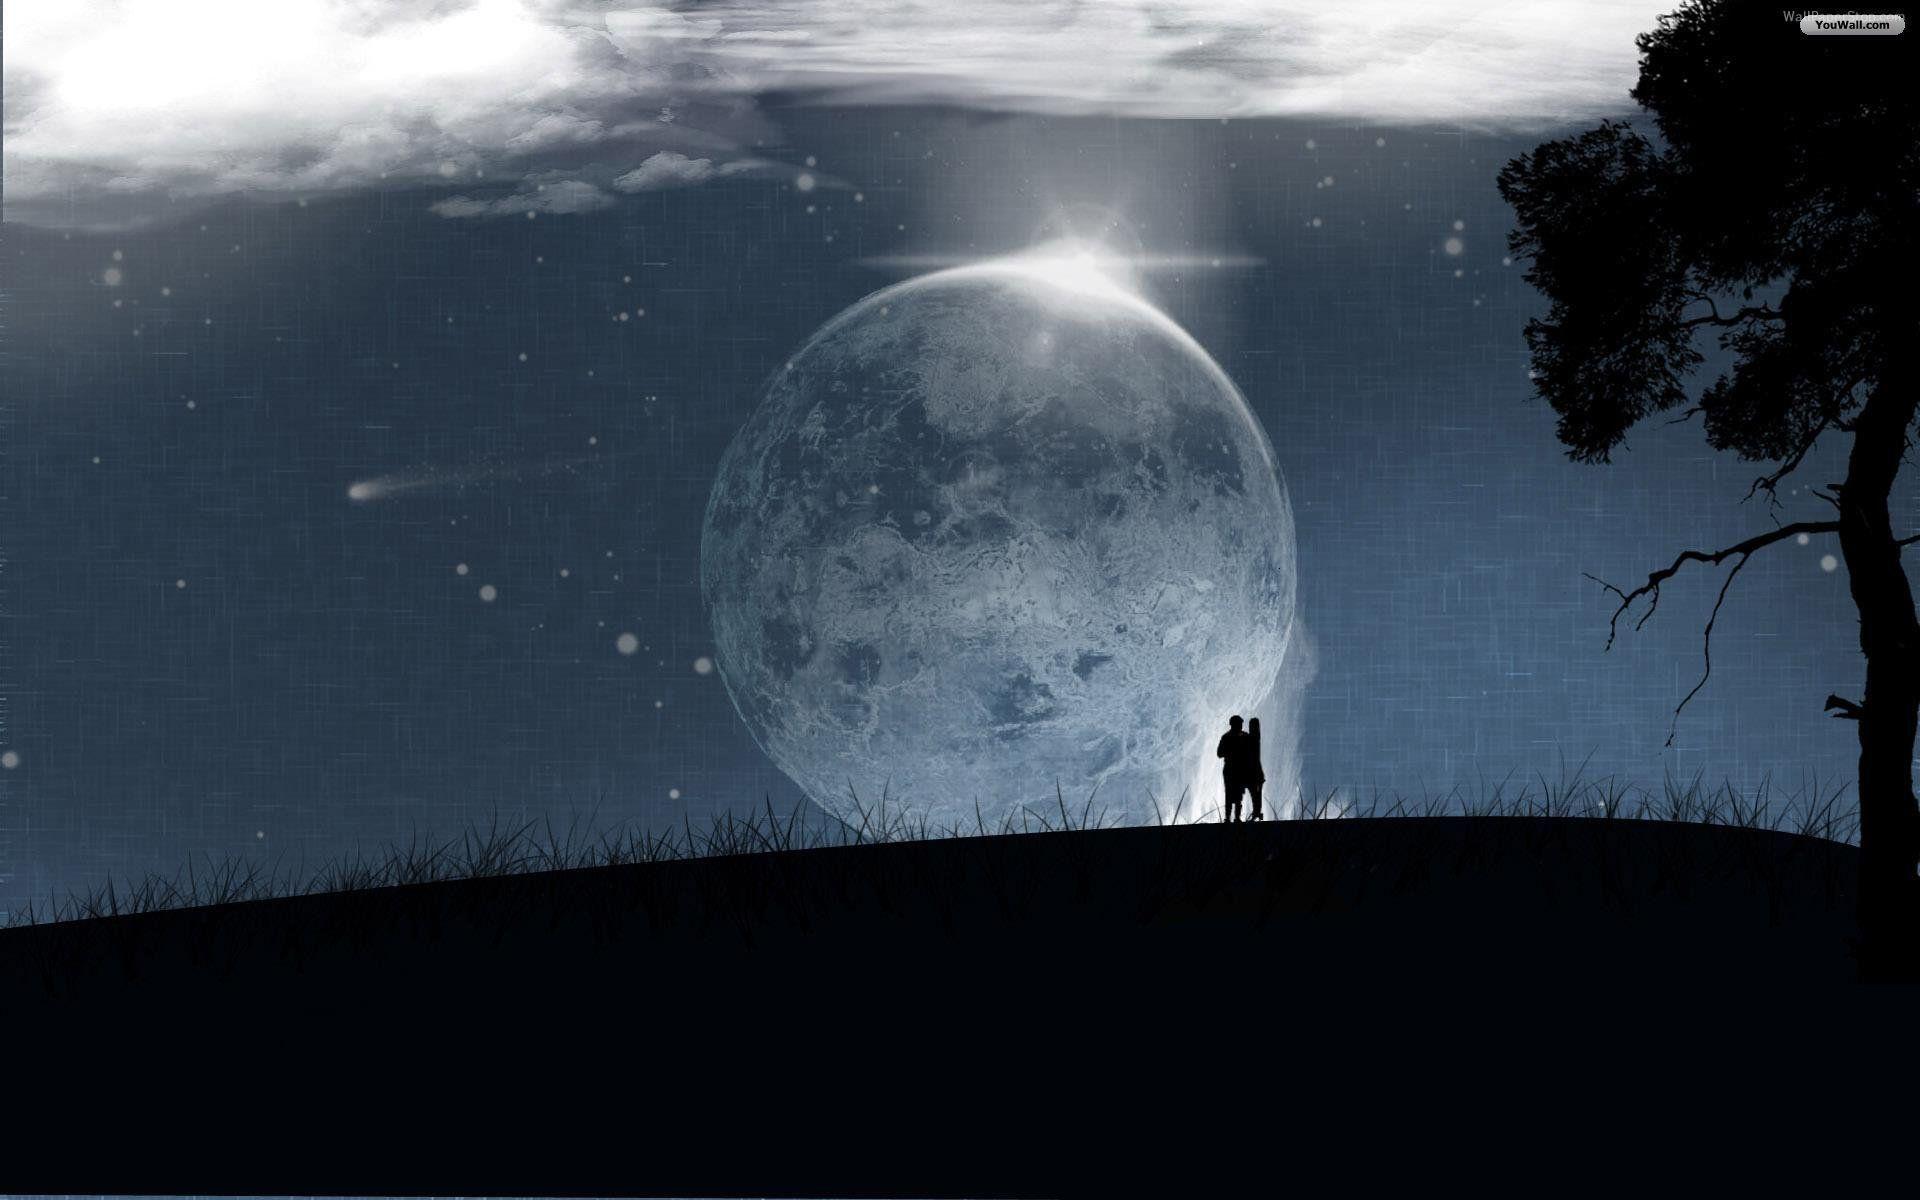 moon base wallpaper - photo #23